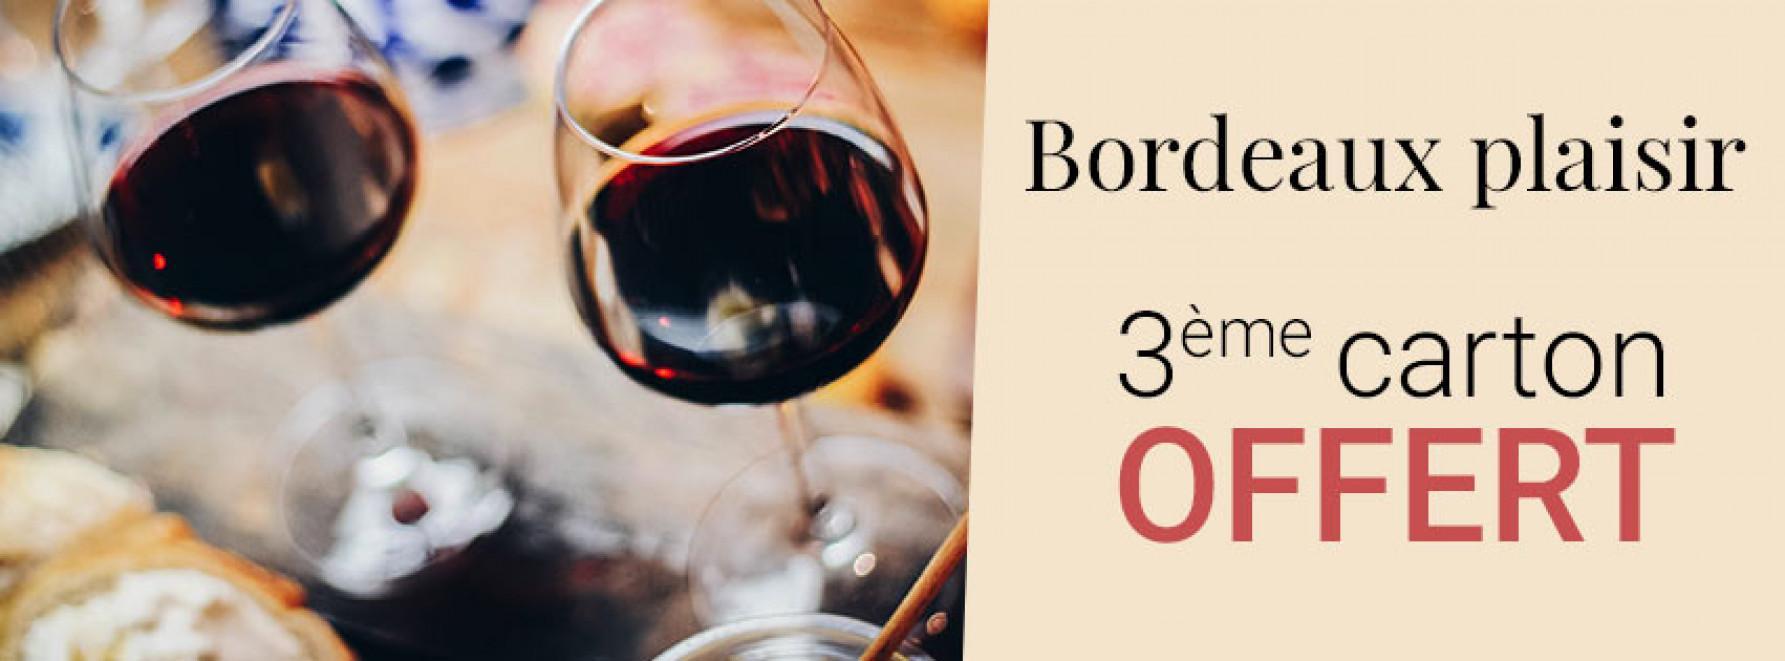 Bordeaux Plaisir | 3ème carton offert